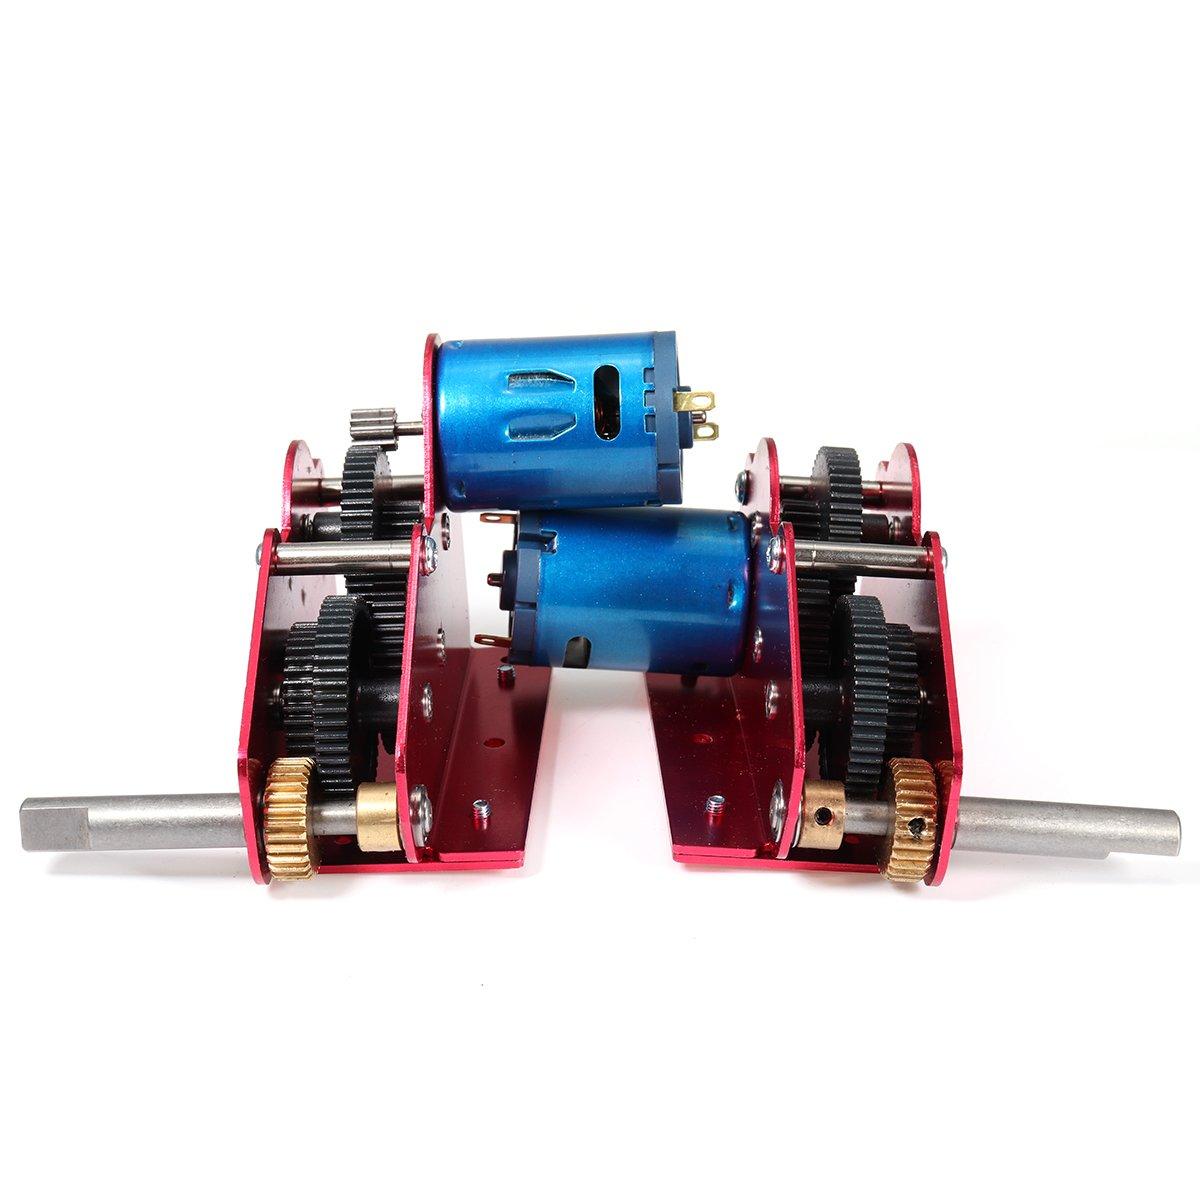 Prament 59cm シャフト H + L ポジションスチールギアベアリングドライブギアボックス 1/16 HengLong RC タンクのアップグレードキット -   B07DT2FPYB